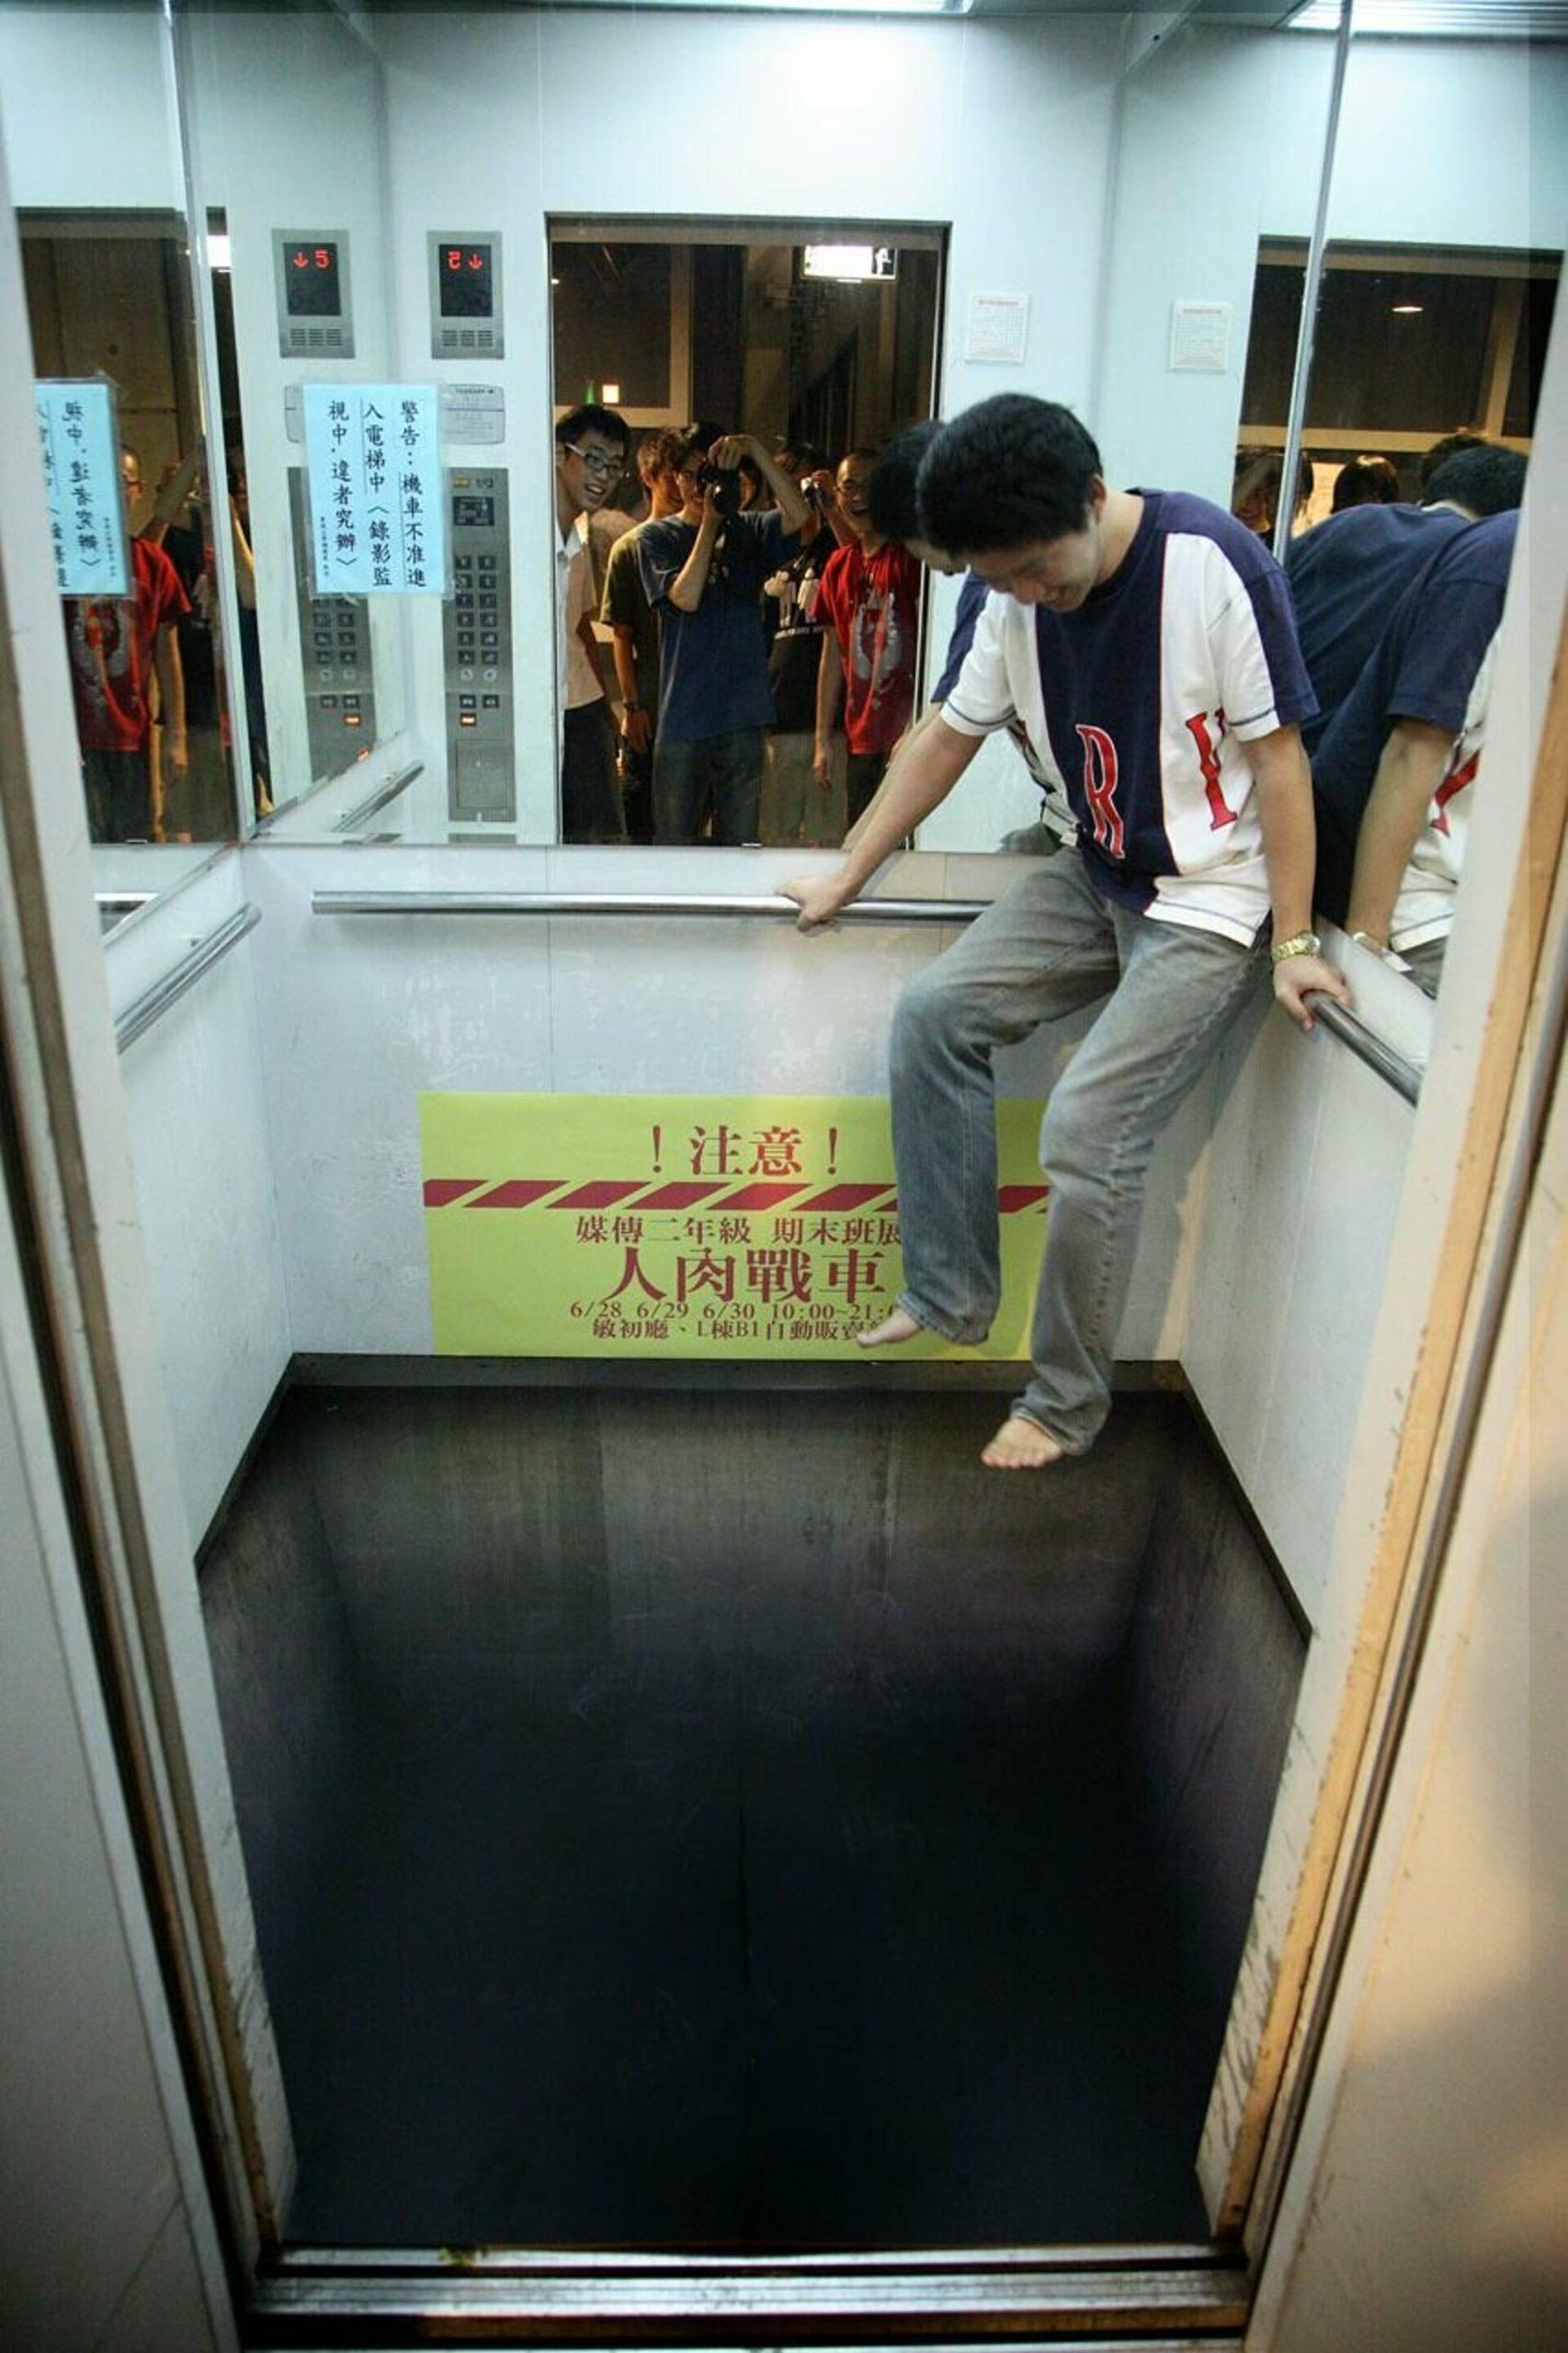 3D-эффект в лифте и мужчина